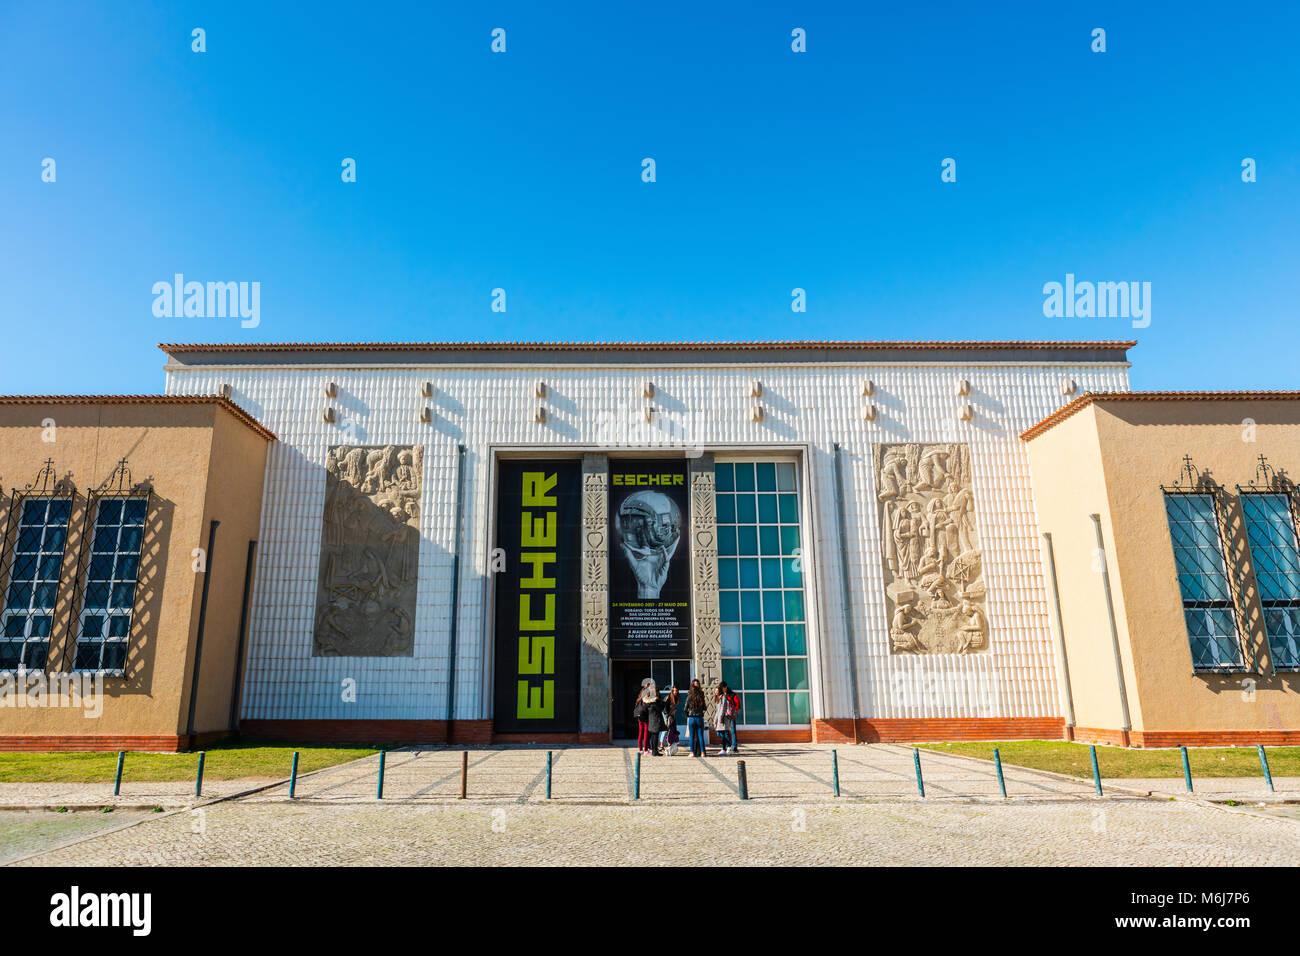 Modern building of Popular Art Museum or Museu de Arte Popular in Belem area of Lisbon. - Stock Image